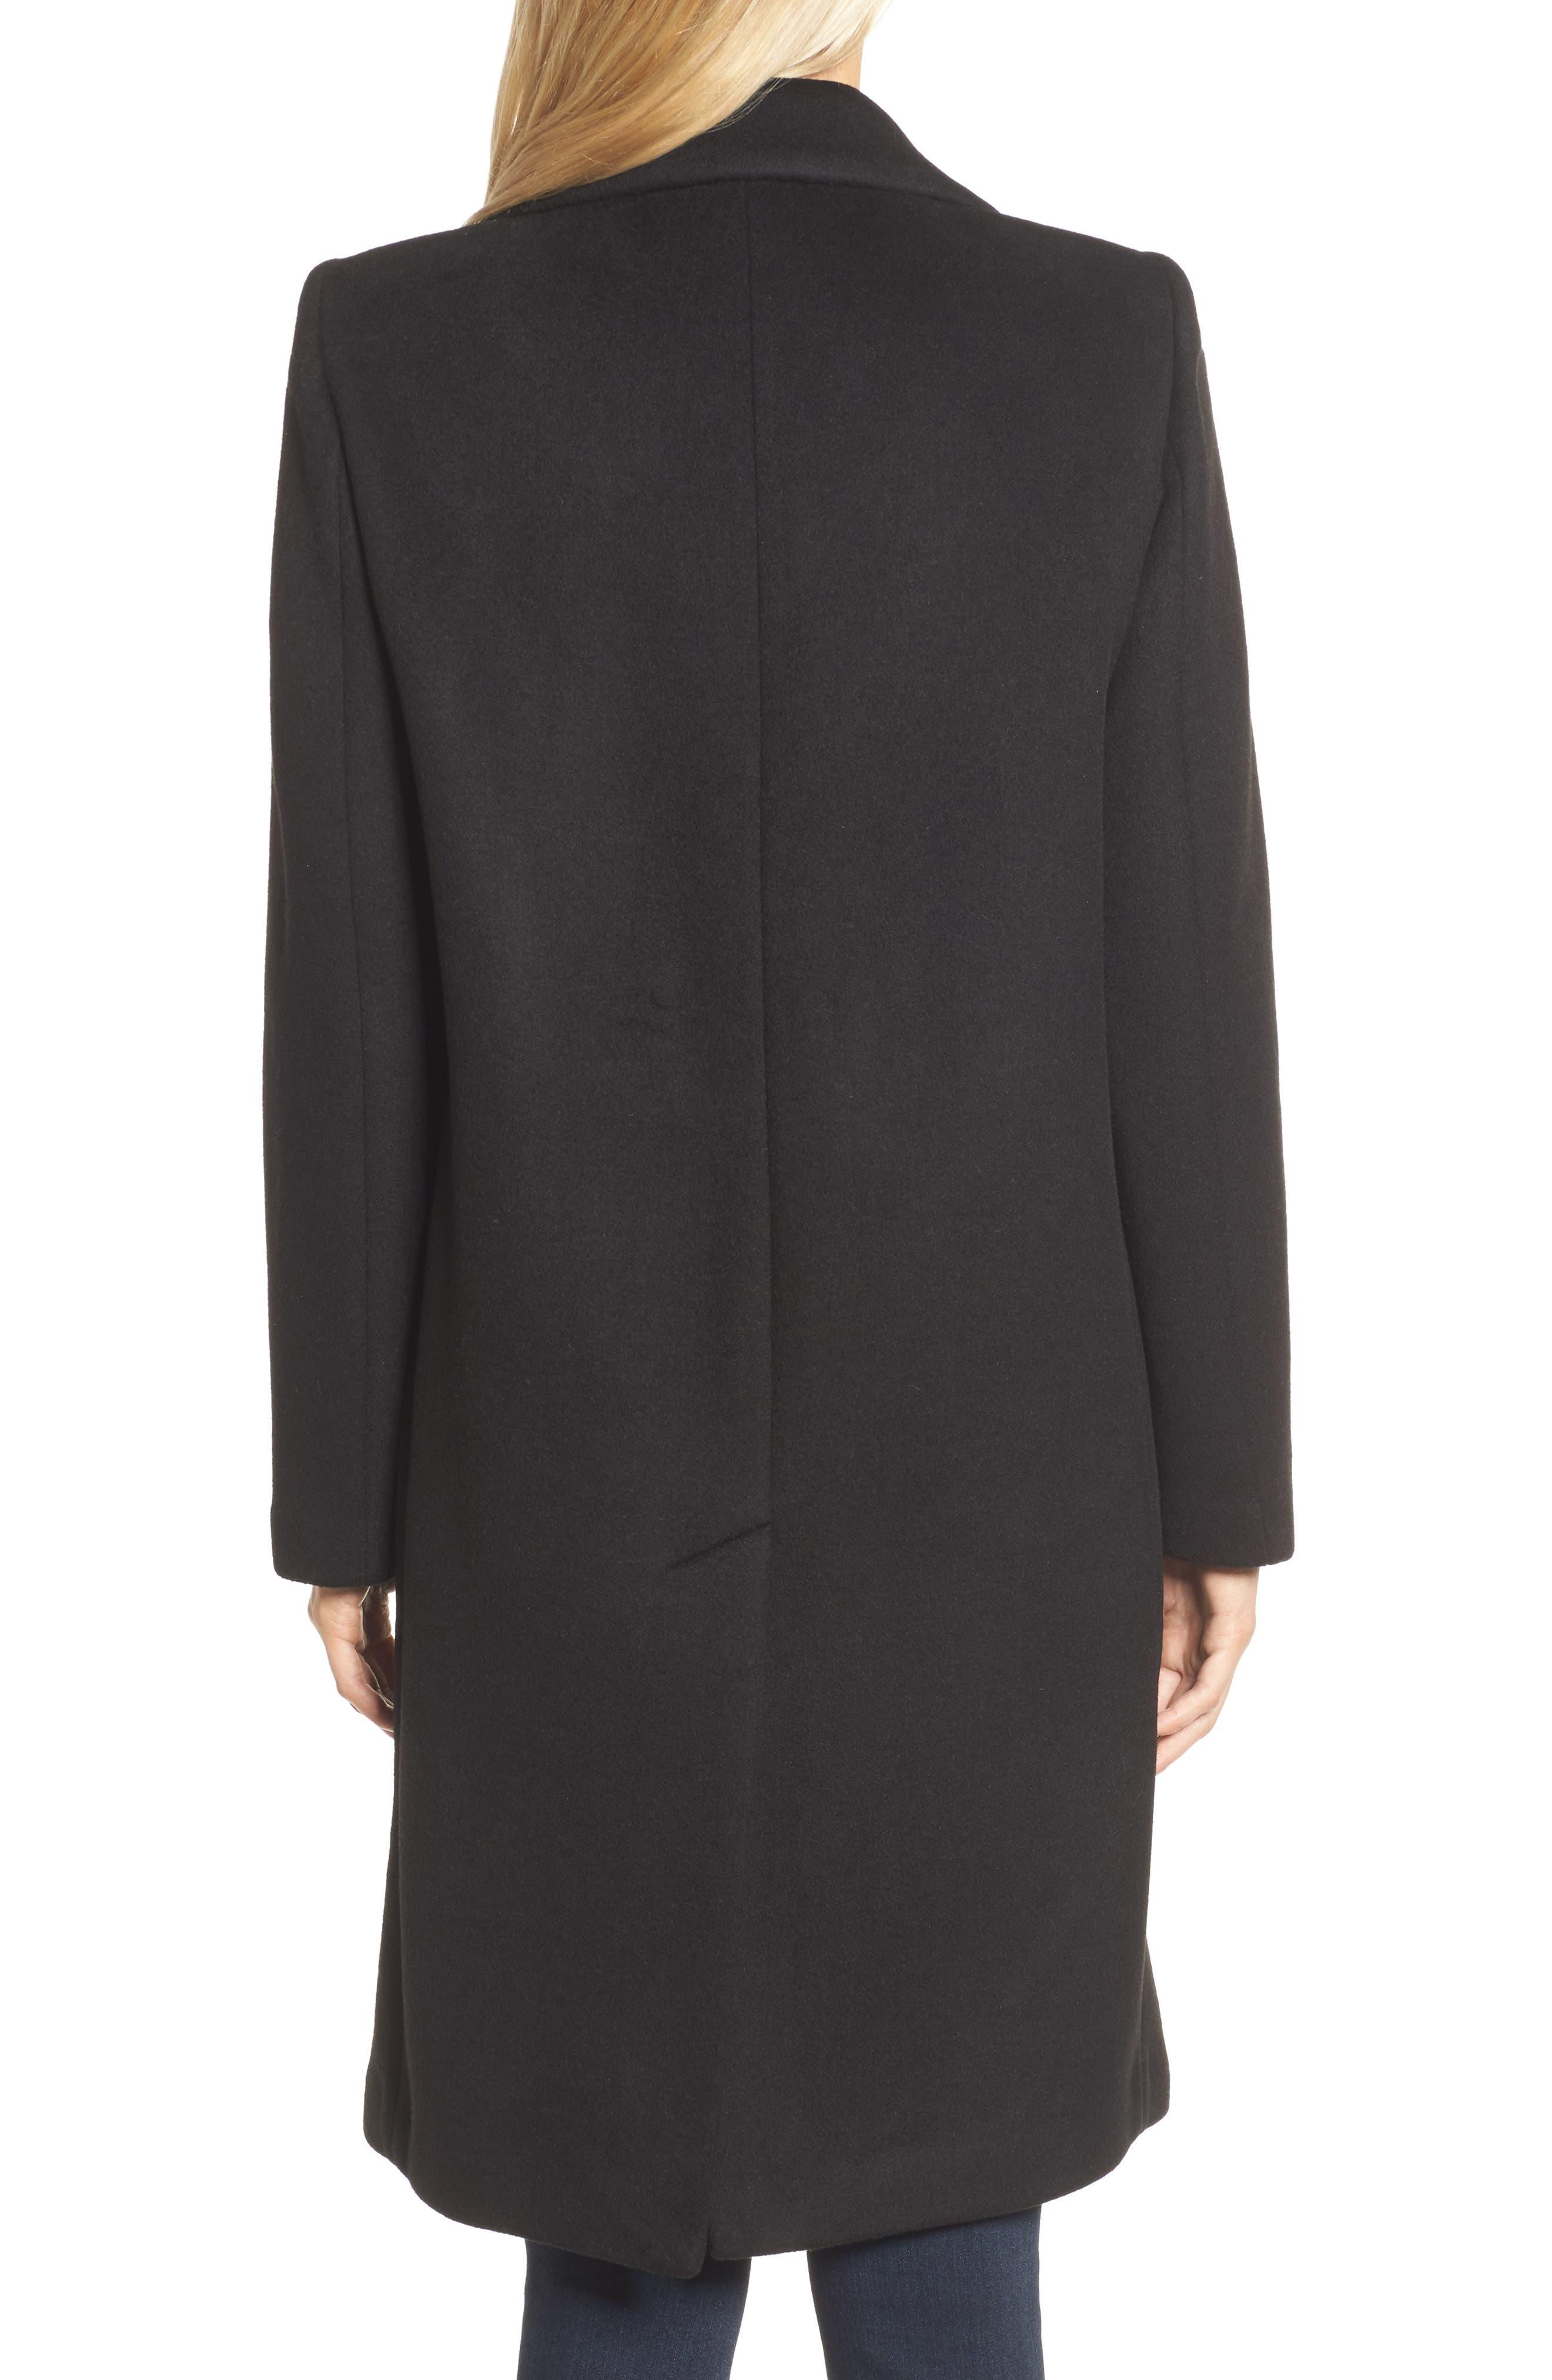 DKNY Lavish Wool Blend Coat,                             Alternate thumbnail 2, color,                             Black